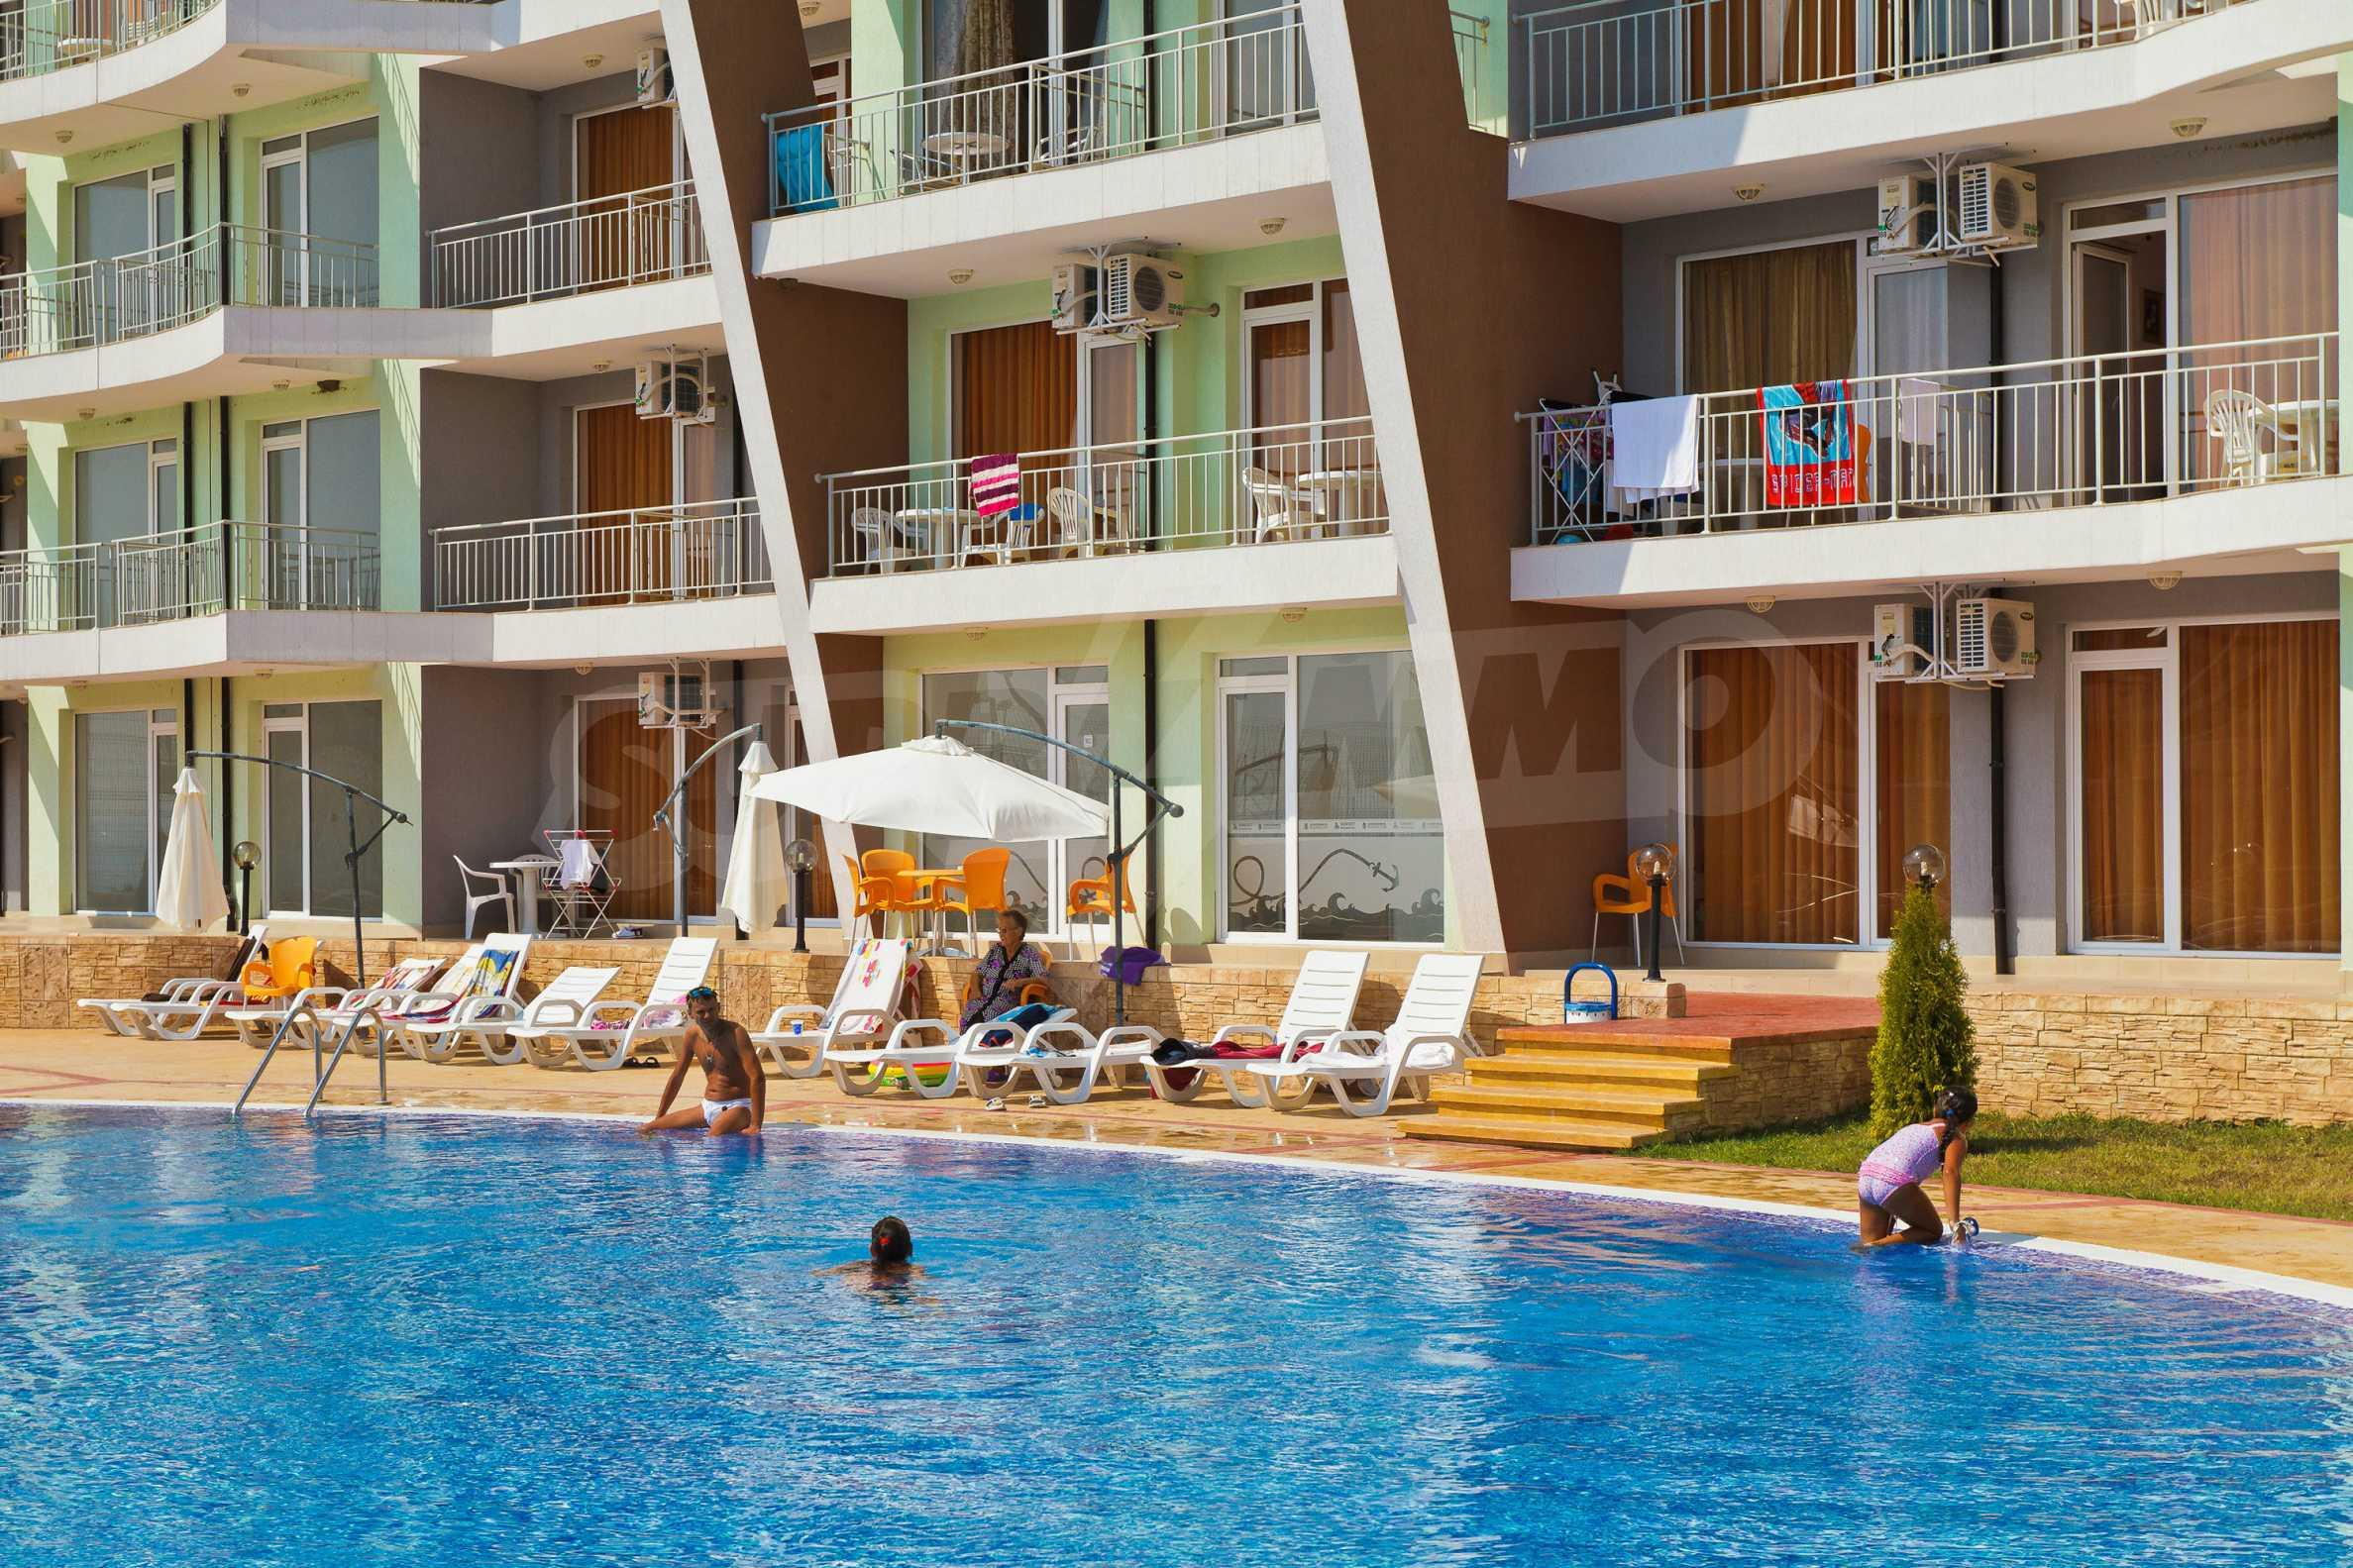 Sunset Kosharitsa - Apartments in einem attraktiven Berg- und Seekomplex, 5 Autominuten vom Sonnenstrand entfernt 11